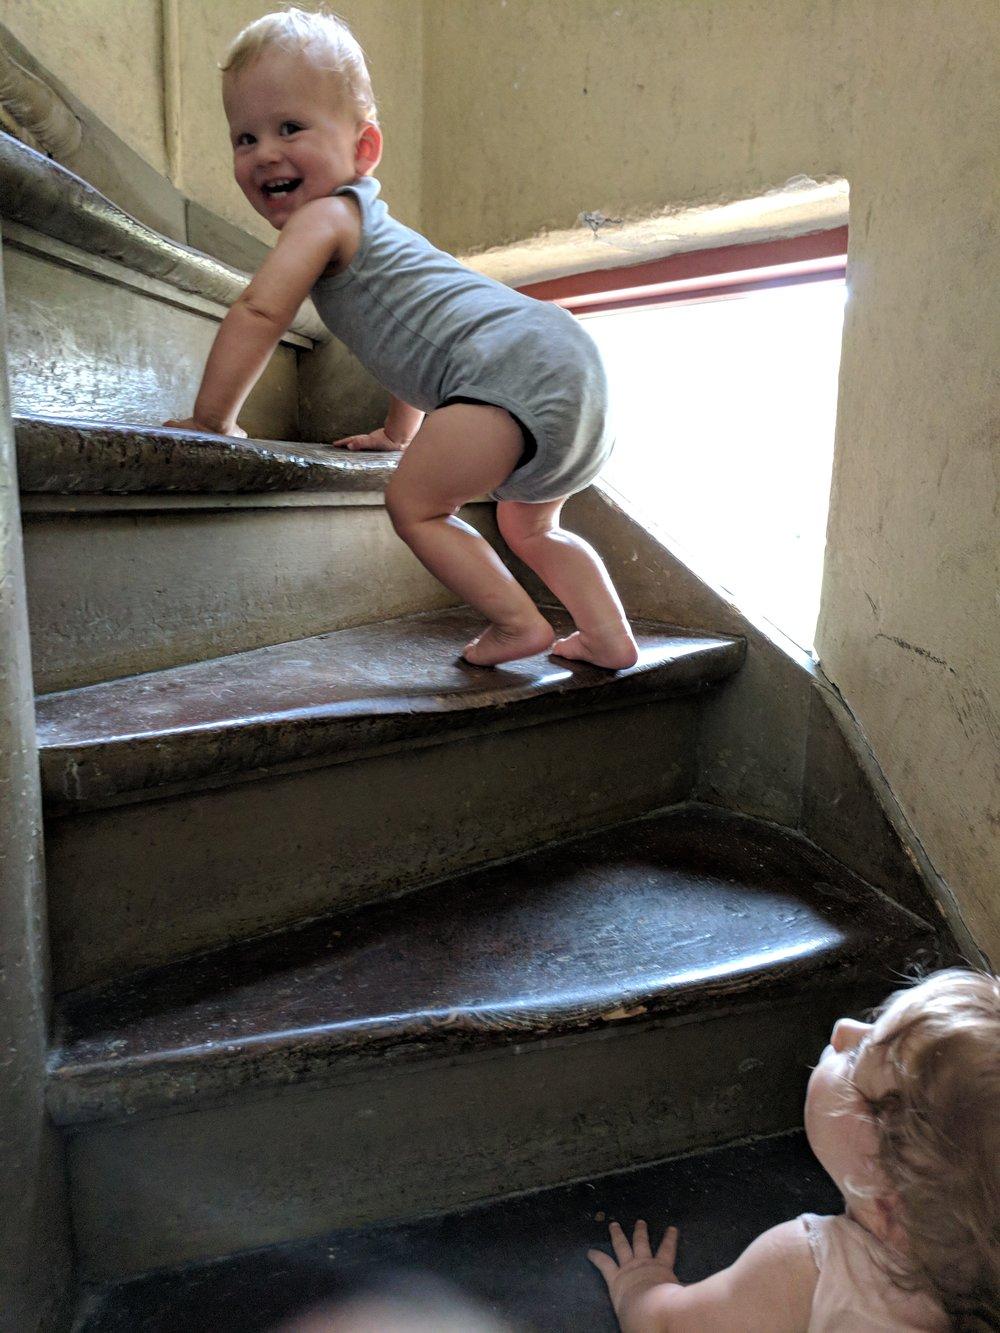 De øver sig på trappen i deres eget tempo